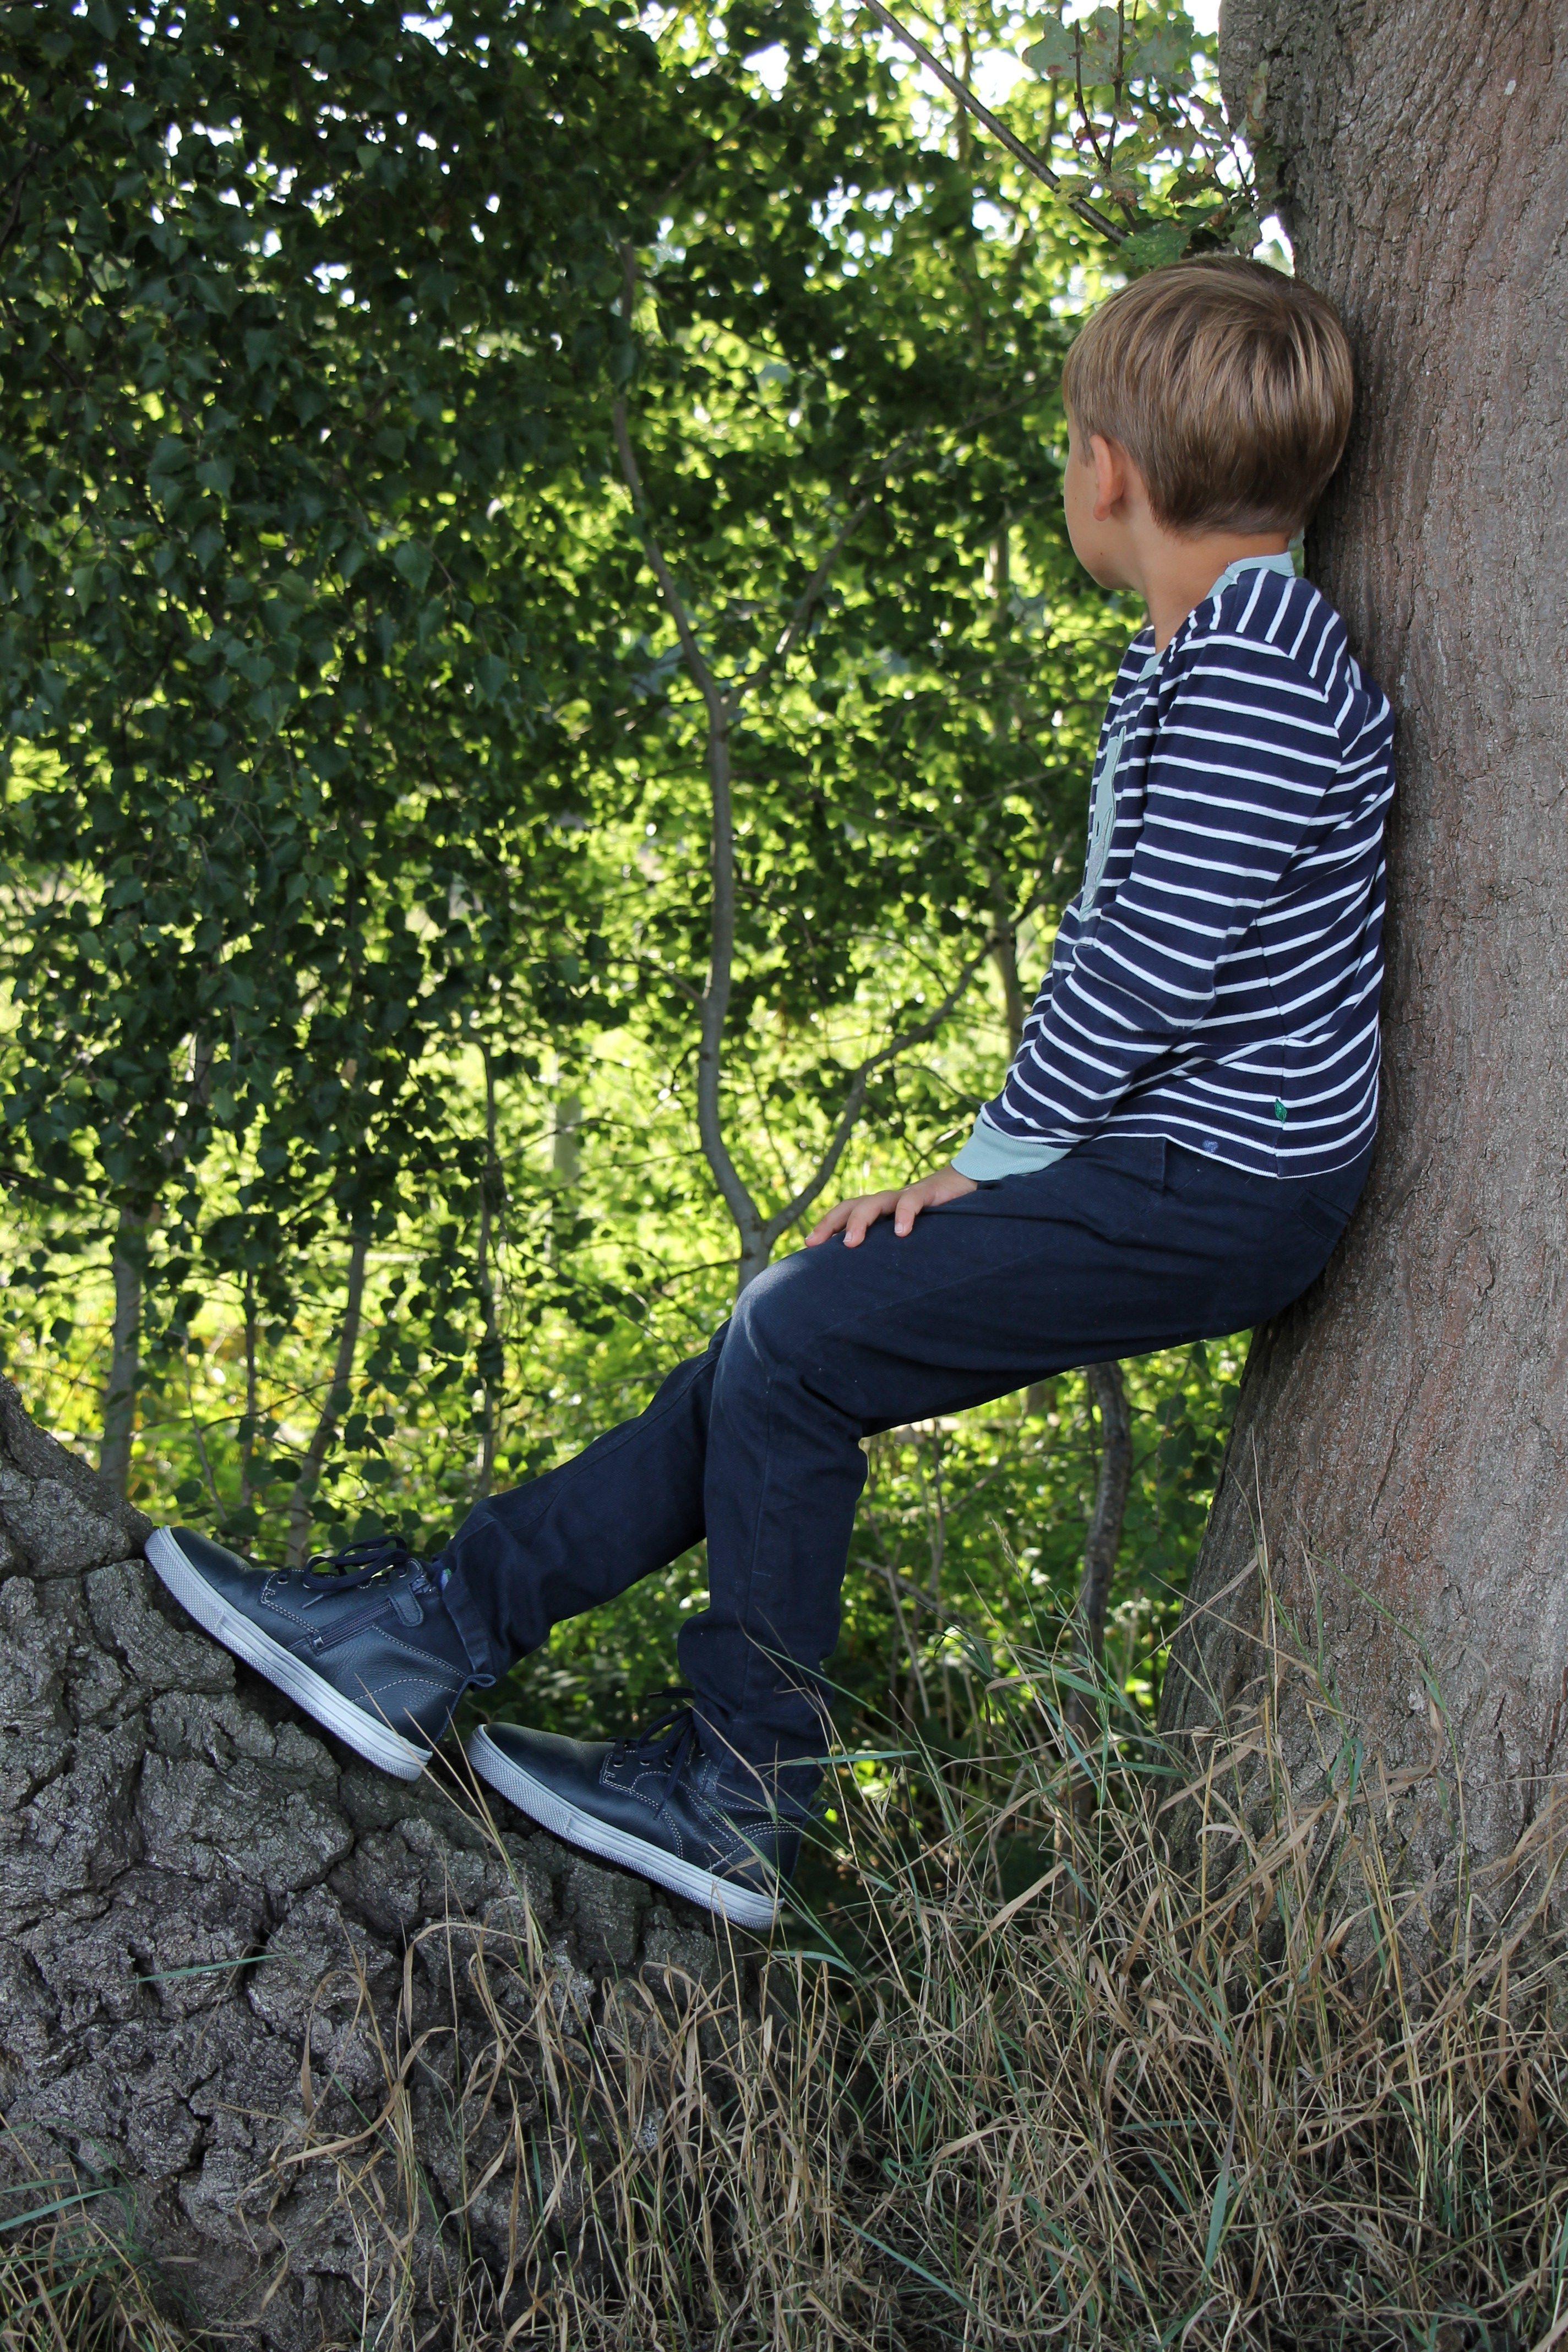 buy popular d89b9 51054 coole Herbstschuhe Jungen - Lavendelblog